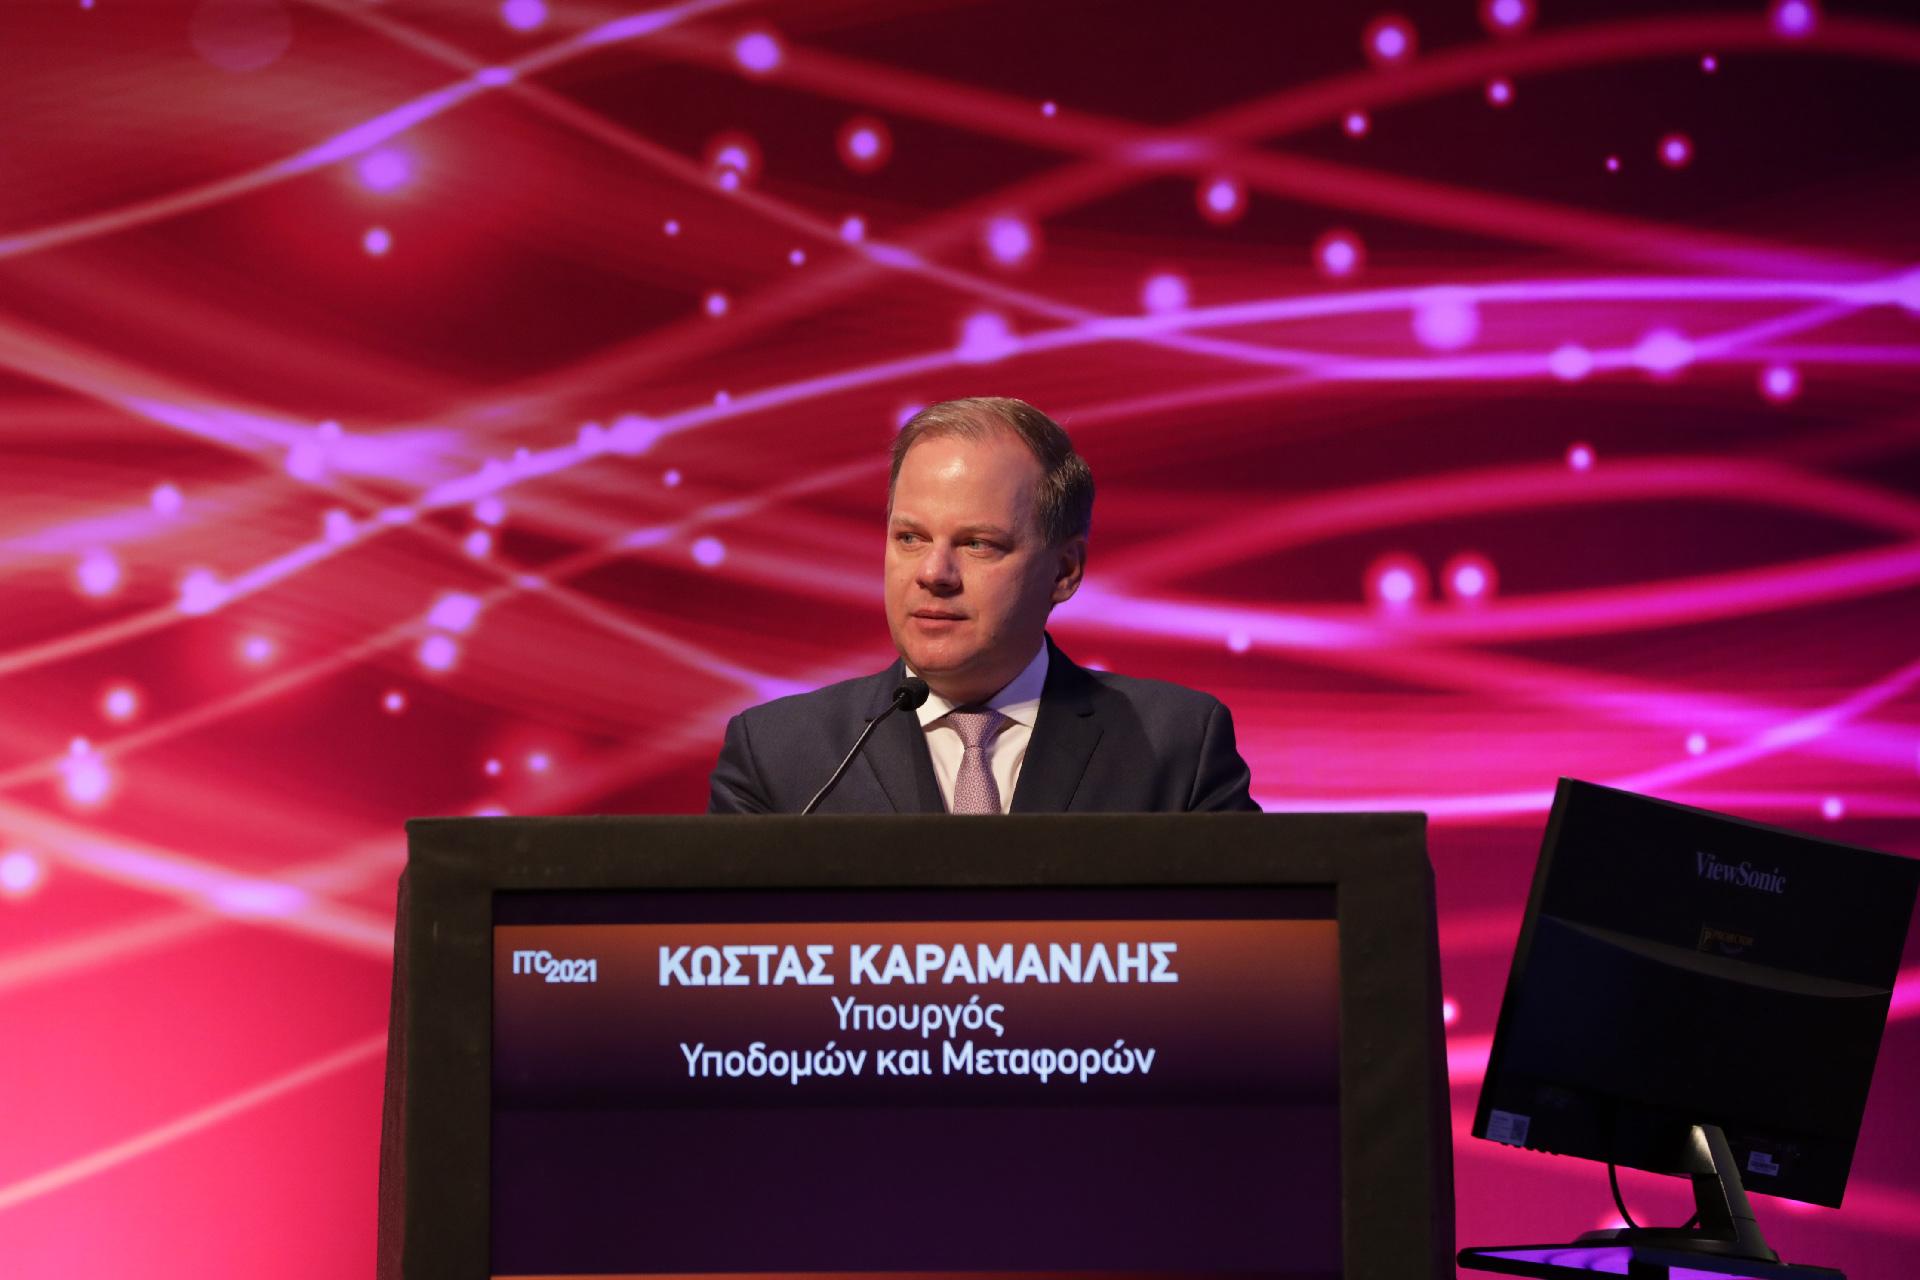 Ο Υπουργός Υποδομών και Μεταφορών, Κ. Καραμανλής, στο 4ο Συνέδριο Υποδομών και Μεταφορών ITC 2021